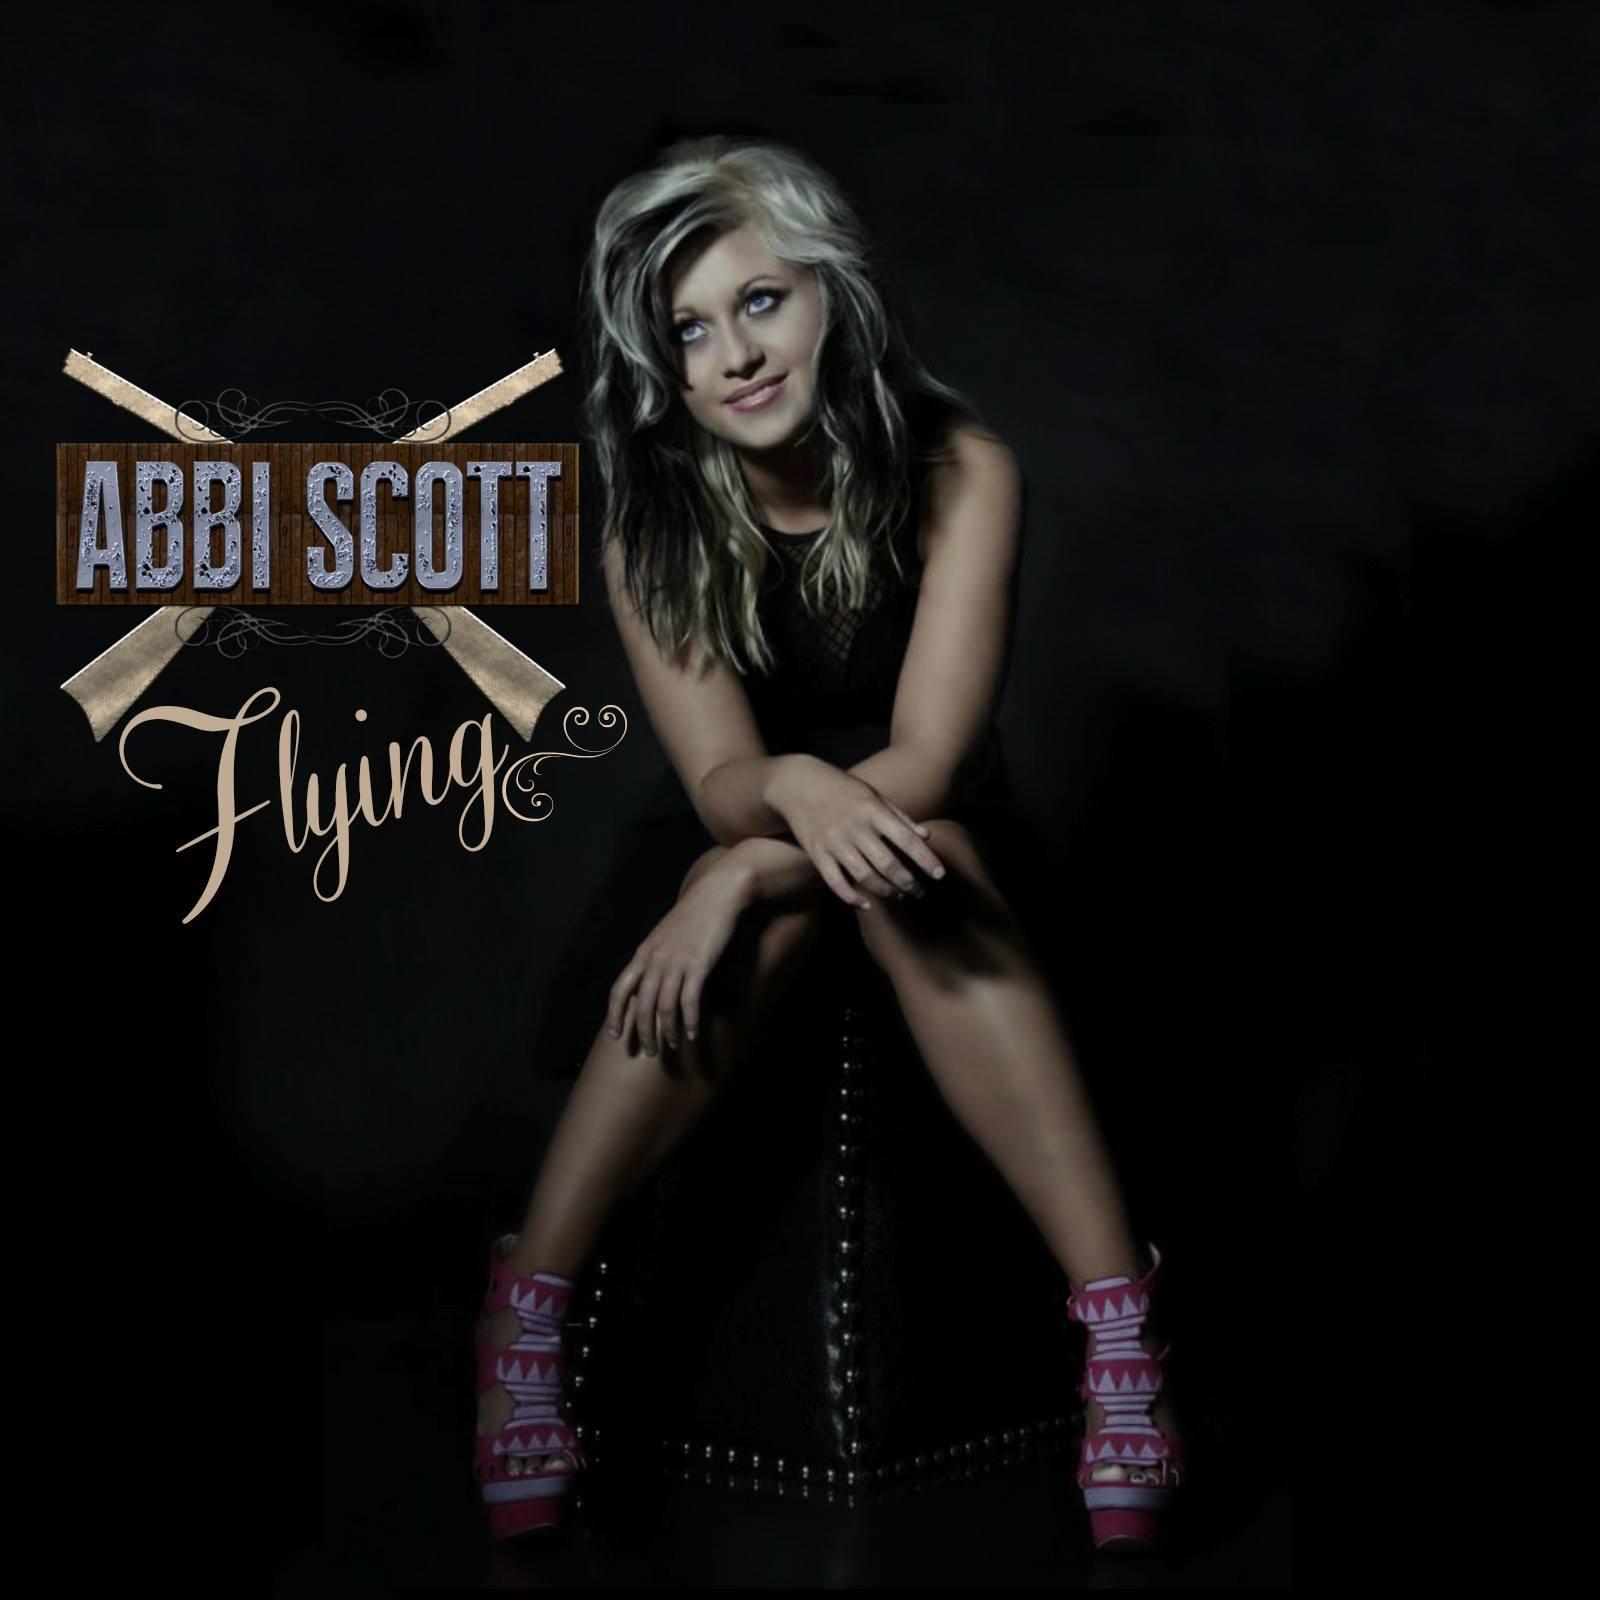 Abbi Scott